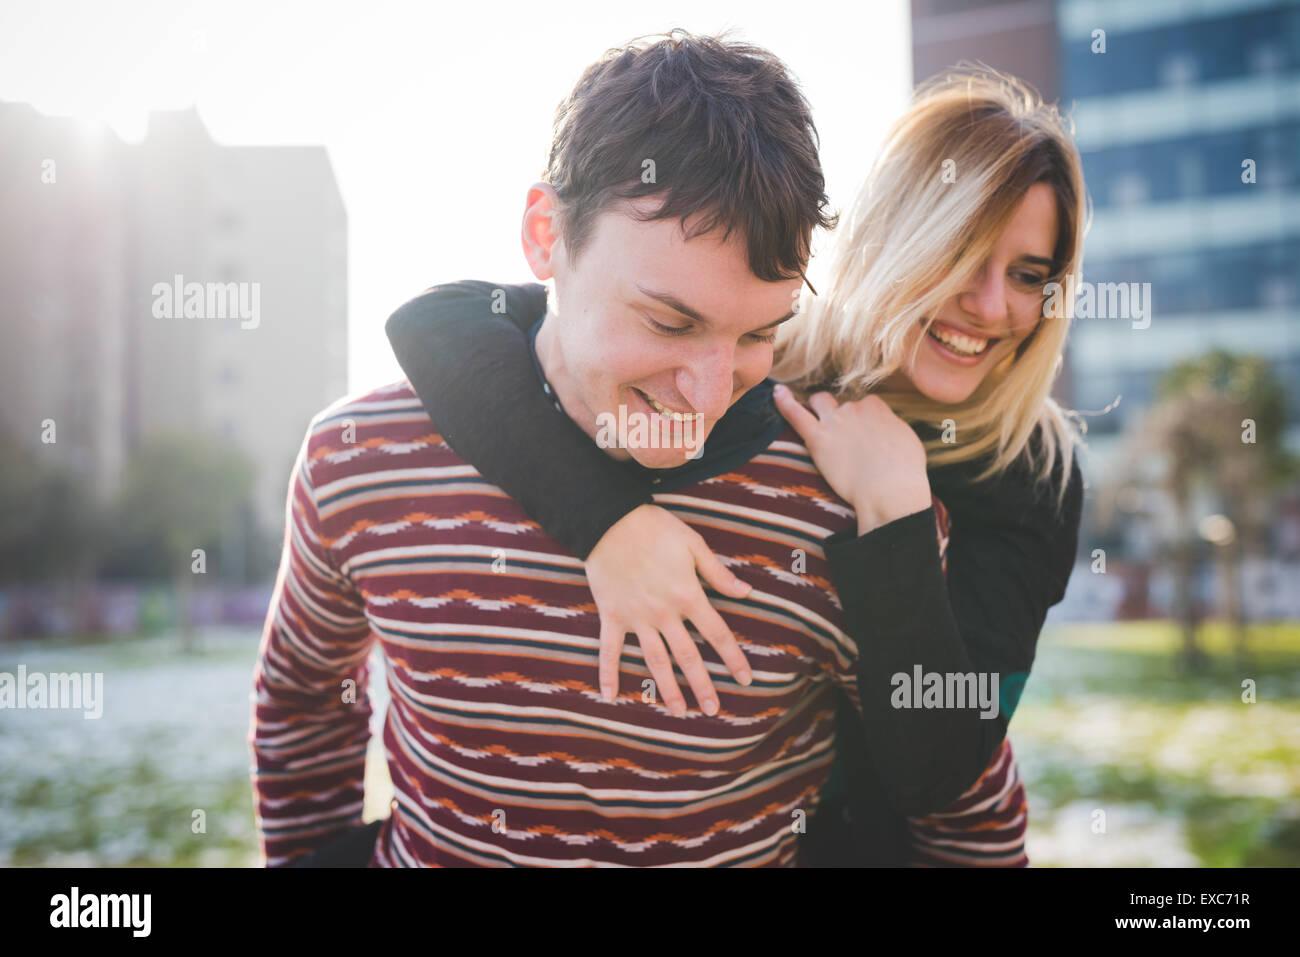 Los amantes de la joven pareja auténtica en la ciudad Imagen De Stock